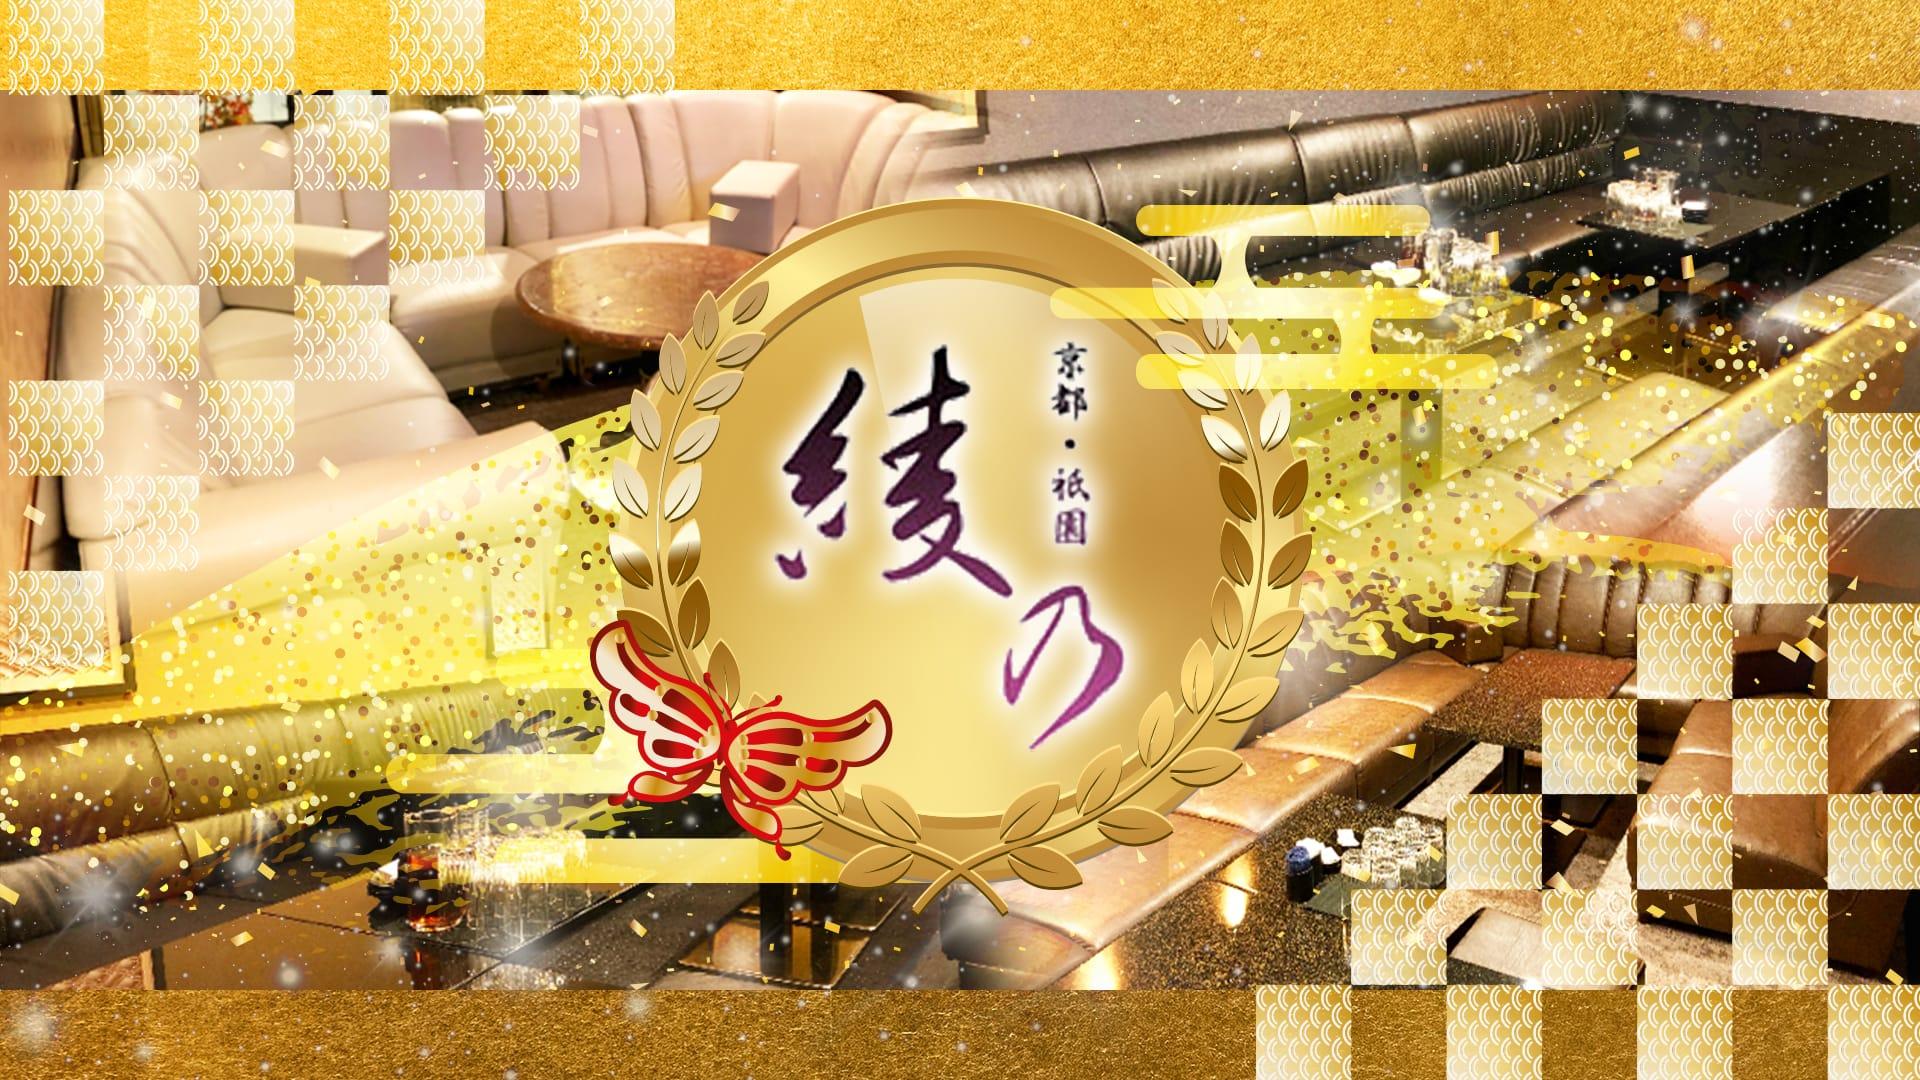 綾乃(あやの)【公式求人・体入情報】 祇園ラウンジ TOP画像